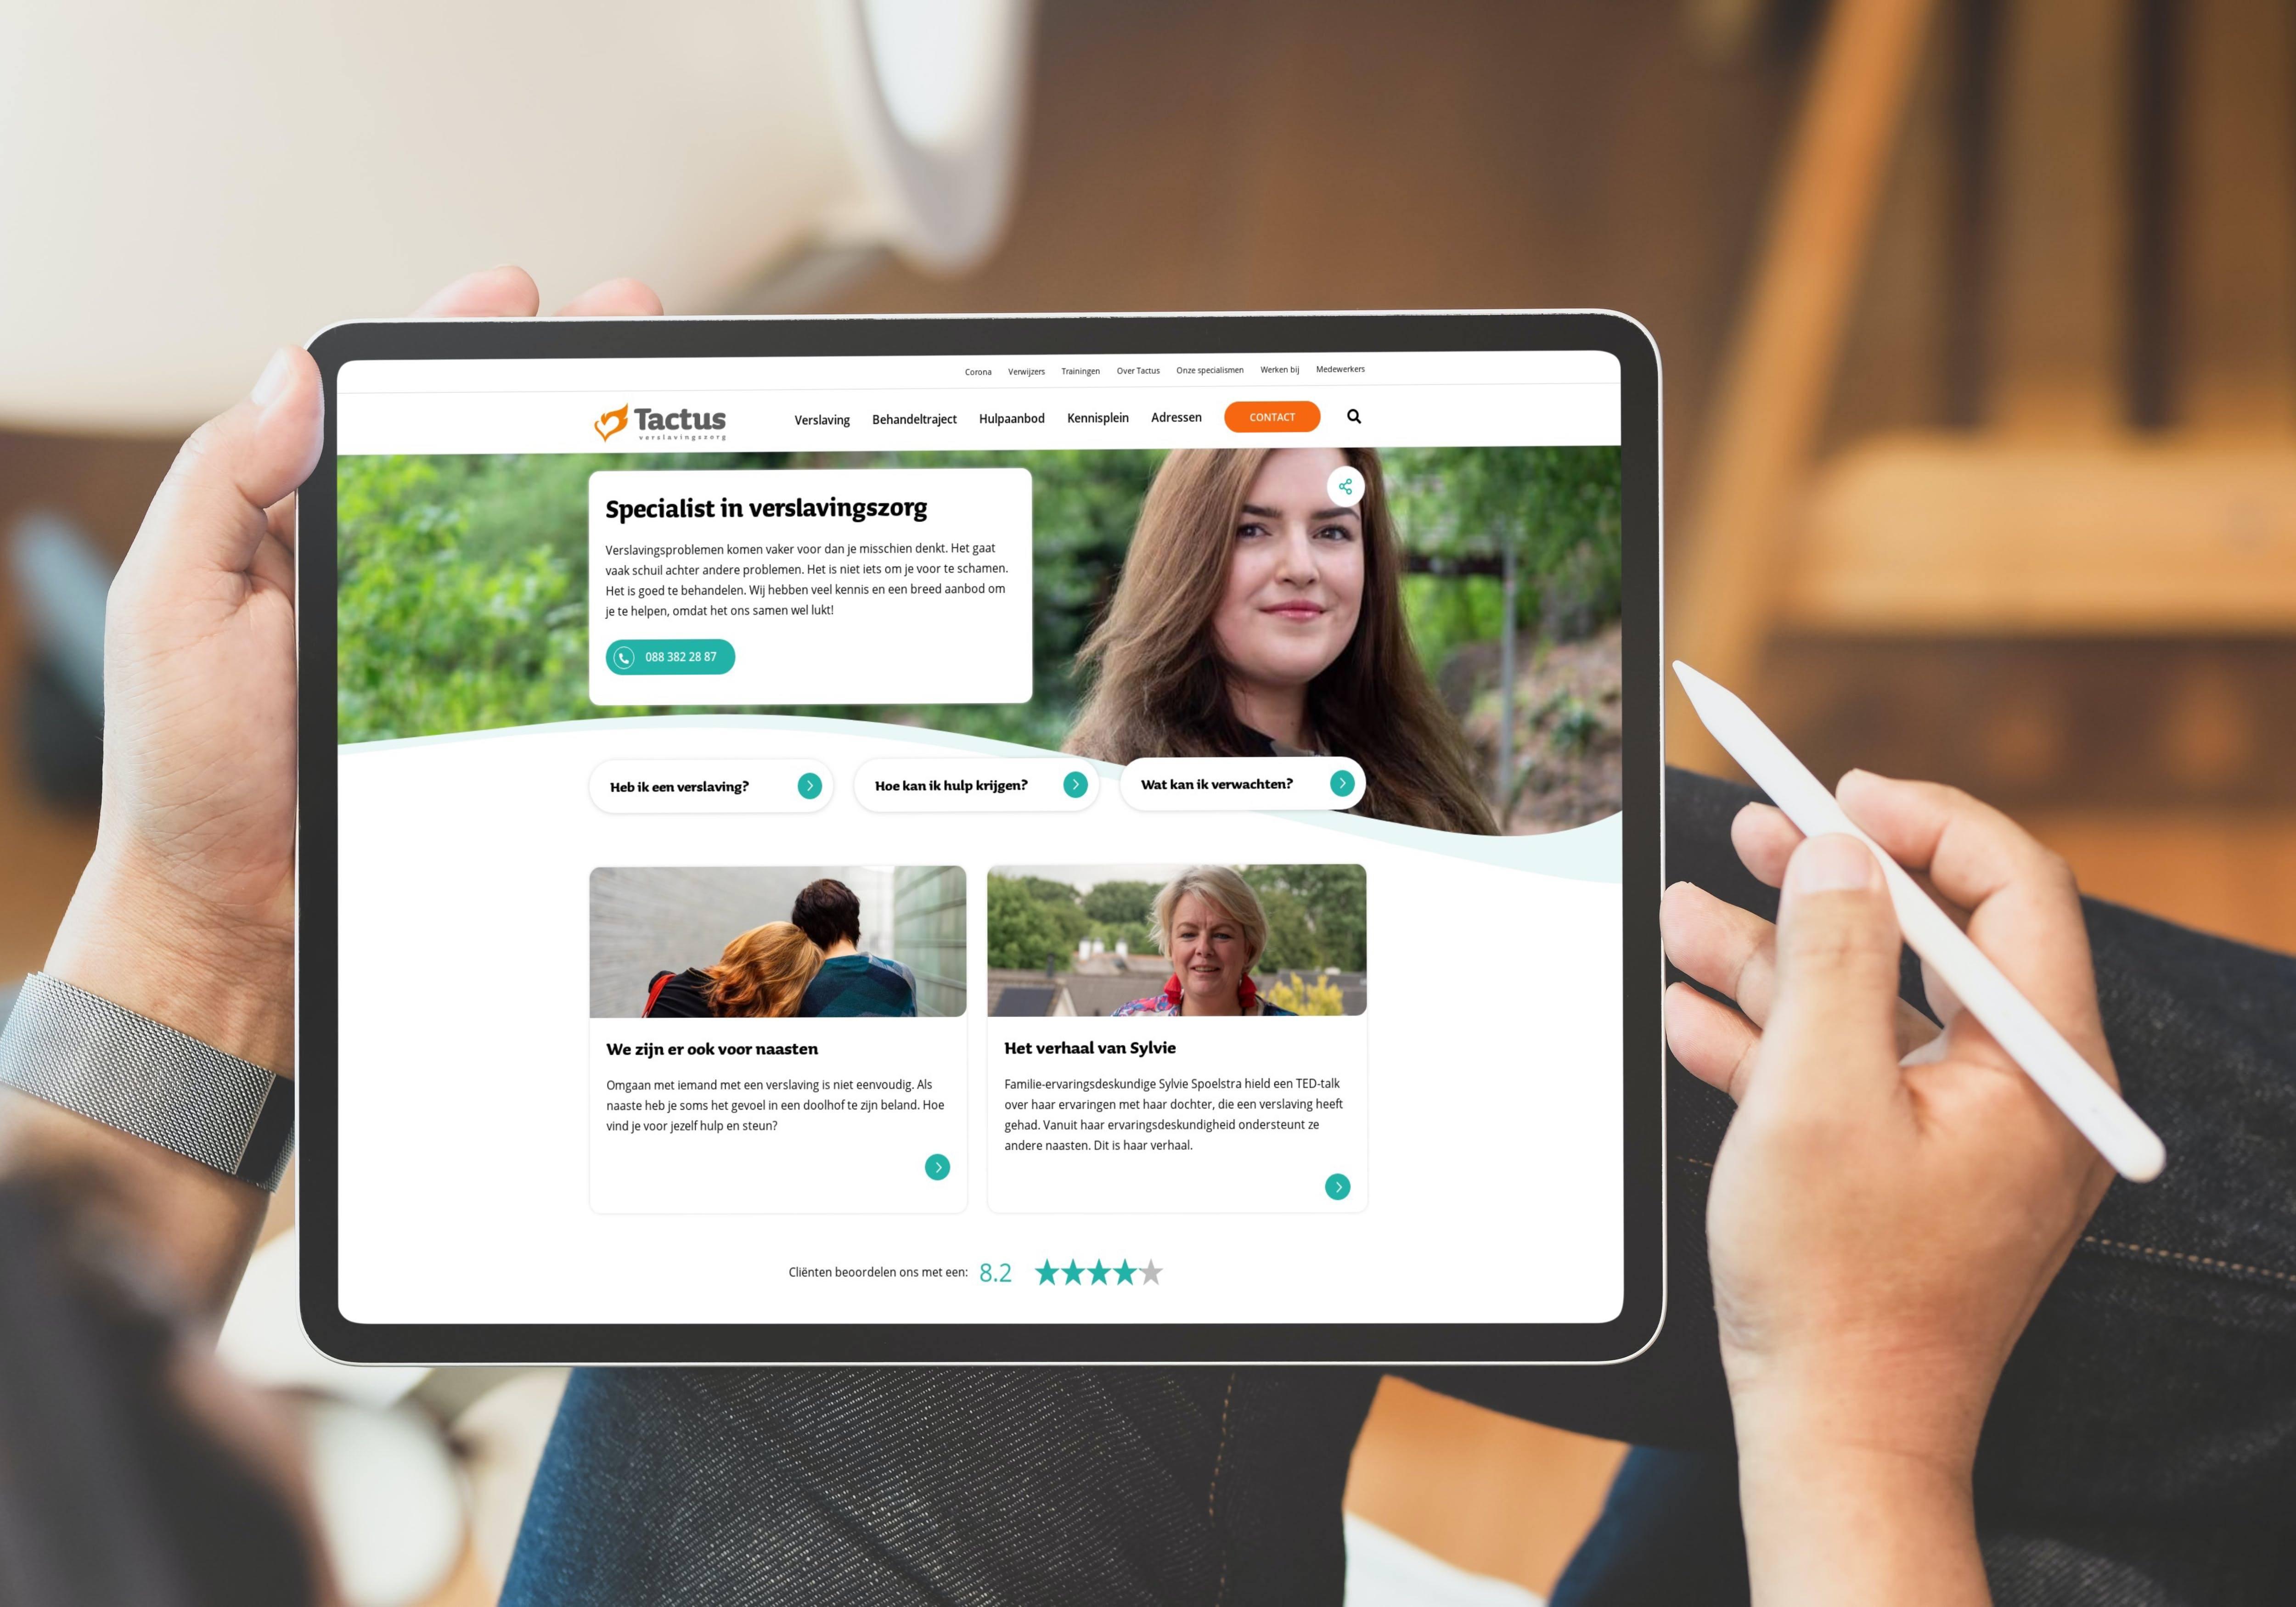 Webinar de ideale website voor jouw bezoeker tactus